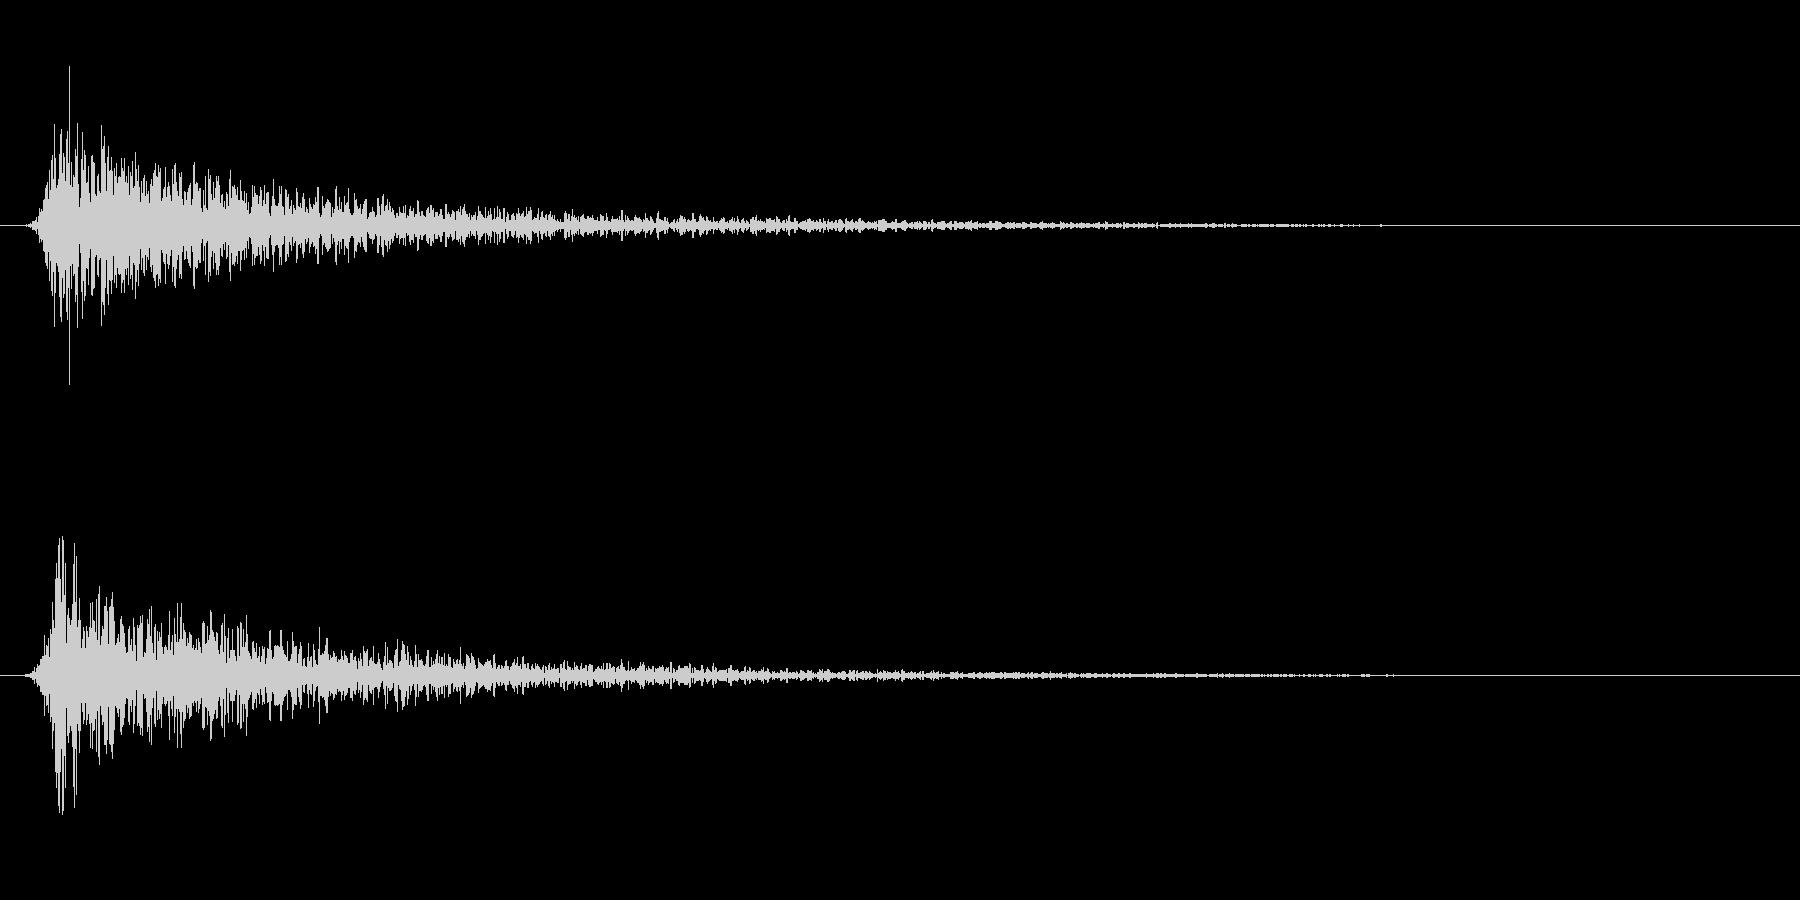 遠い鈍い鈍い怖いショートインパクト1の未再生の波形